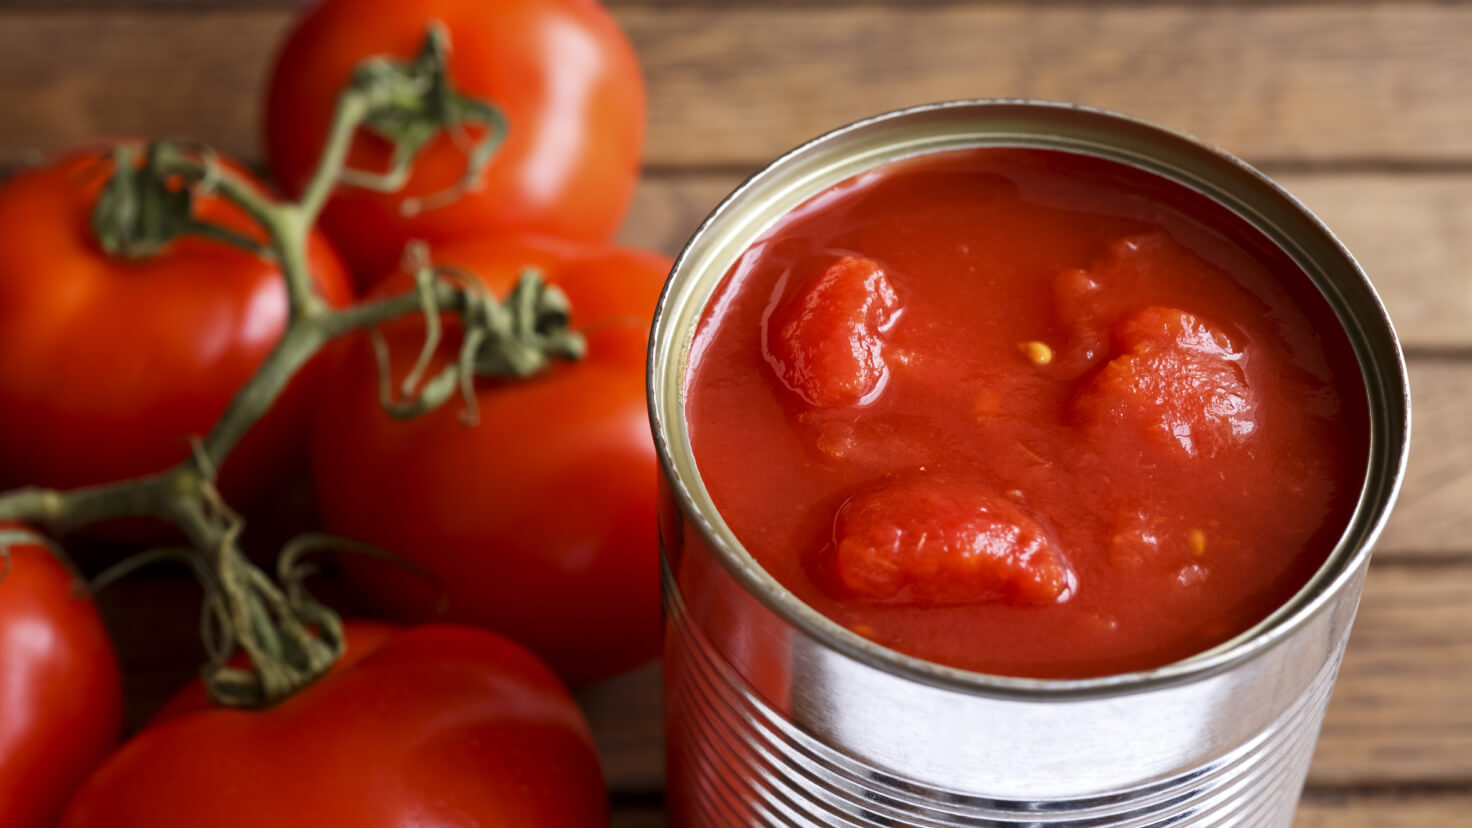 トマト製品